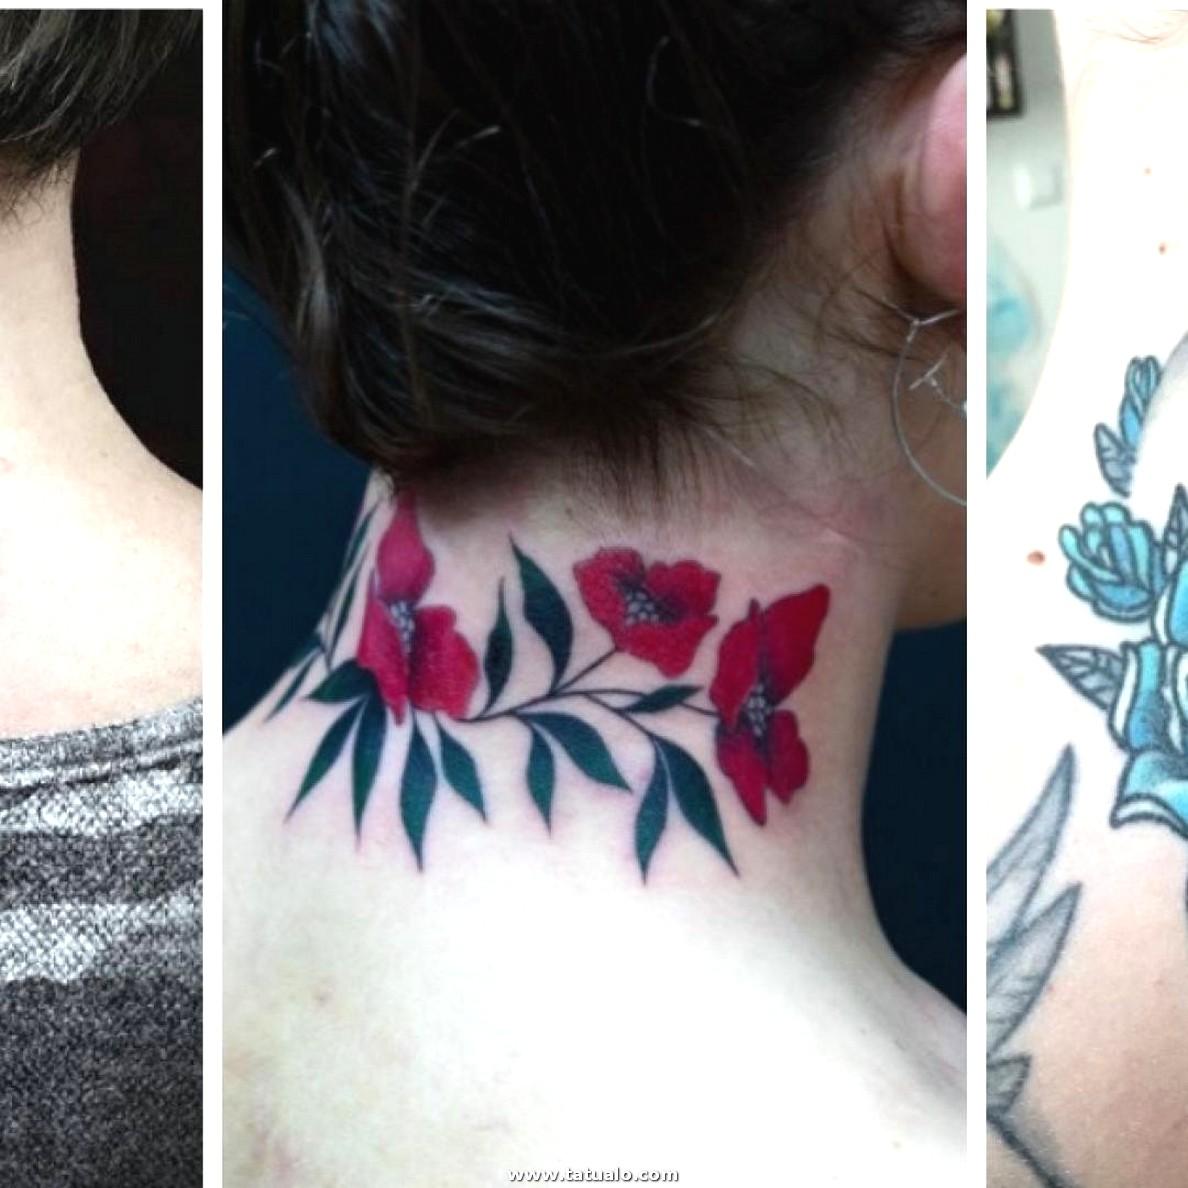 Collage Tatuajes Nuca Y Cuello 0 (1)